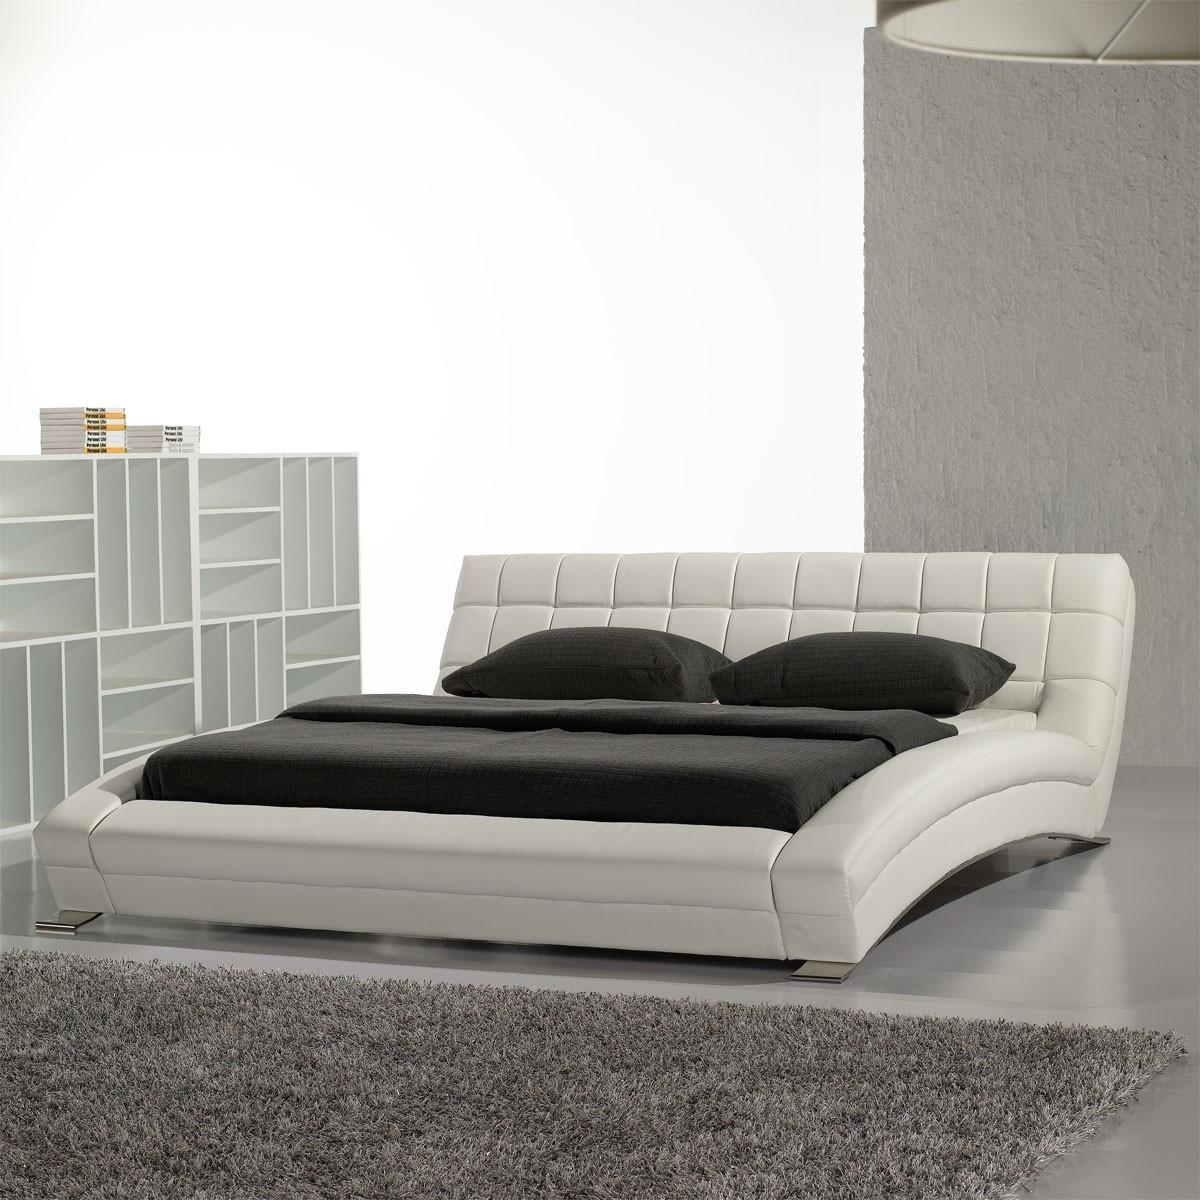 polsterbett luna in kunstleder wei 180 x 200 cm. Black Bedroom Furniture Sets. Home Design Ideas